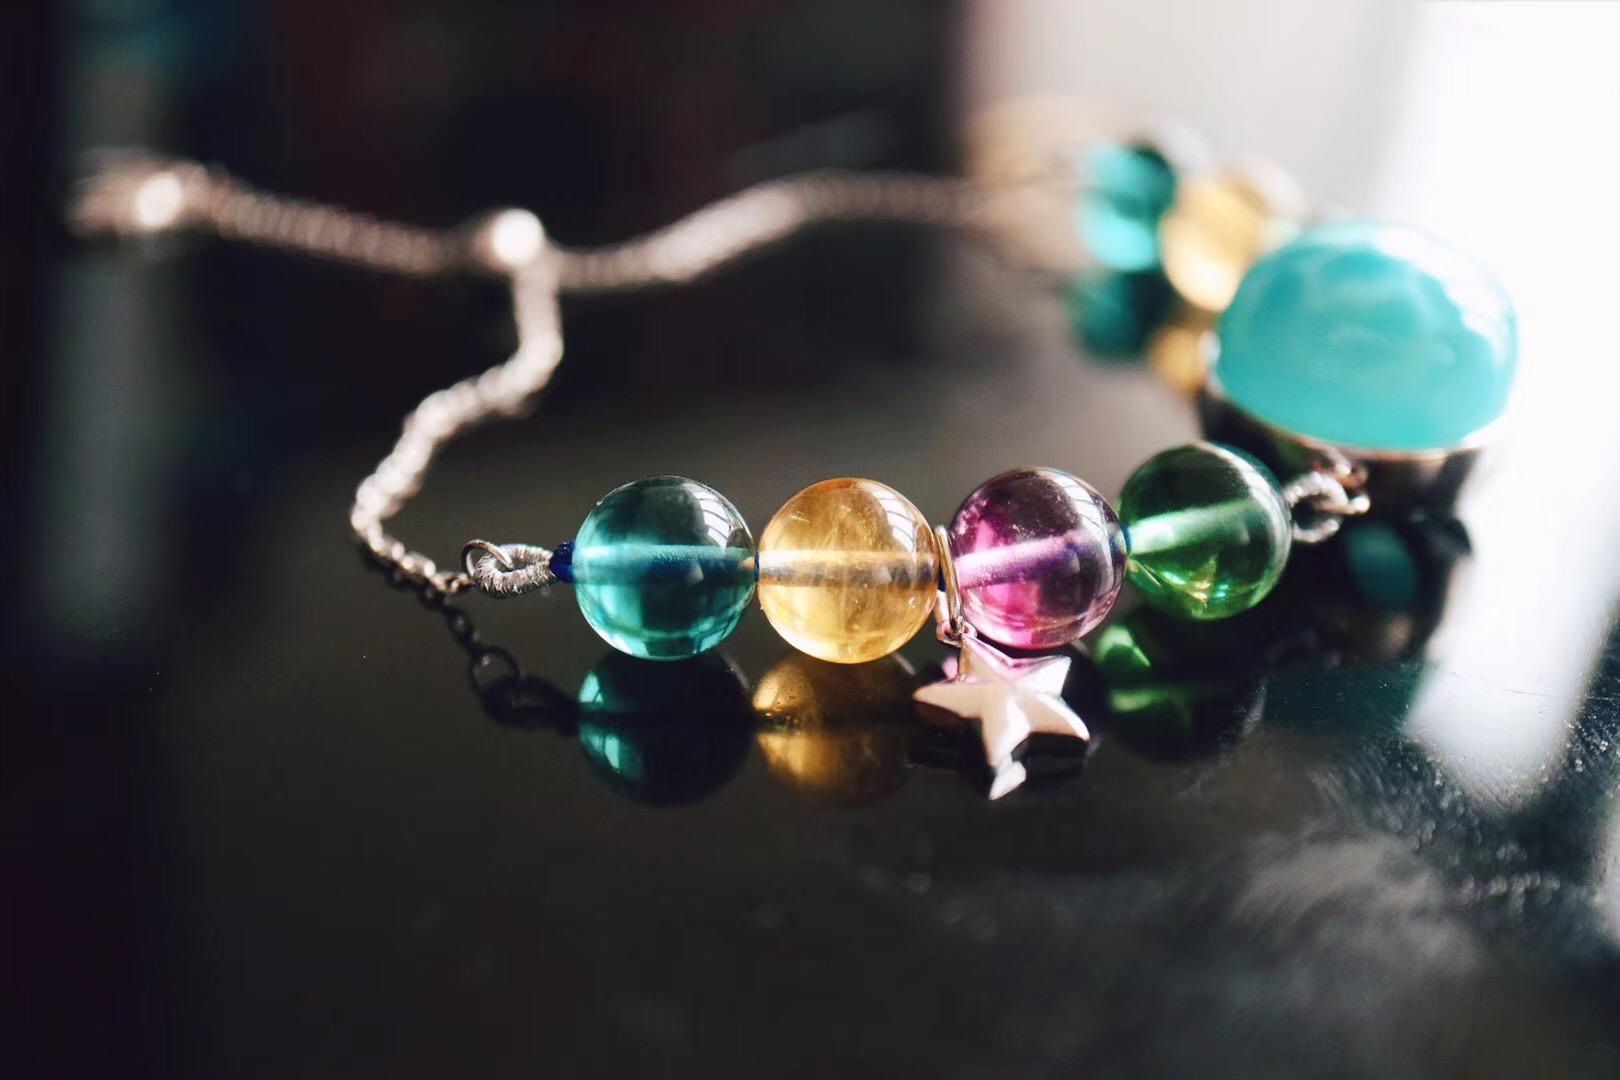 【菩心-碧玺戒、海纹石仙女白金链】戴上菩心的彩虹珠宝,你就是最闪亮的摩登Queen。-菩心晶舍